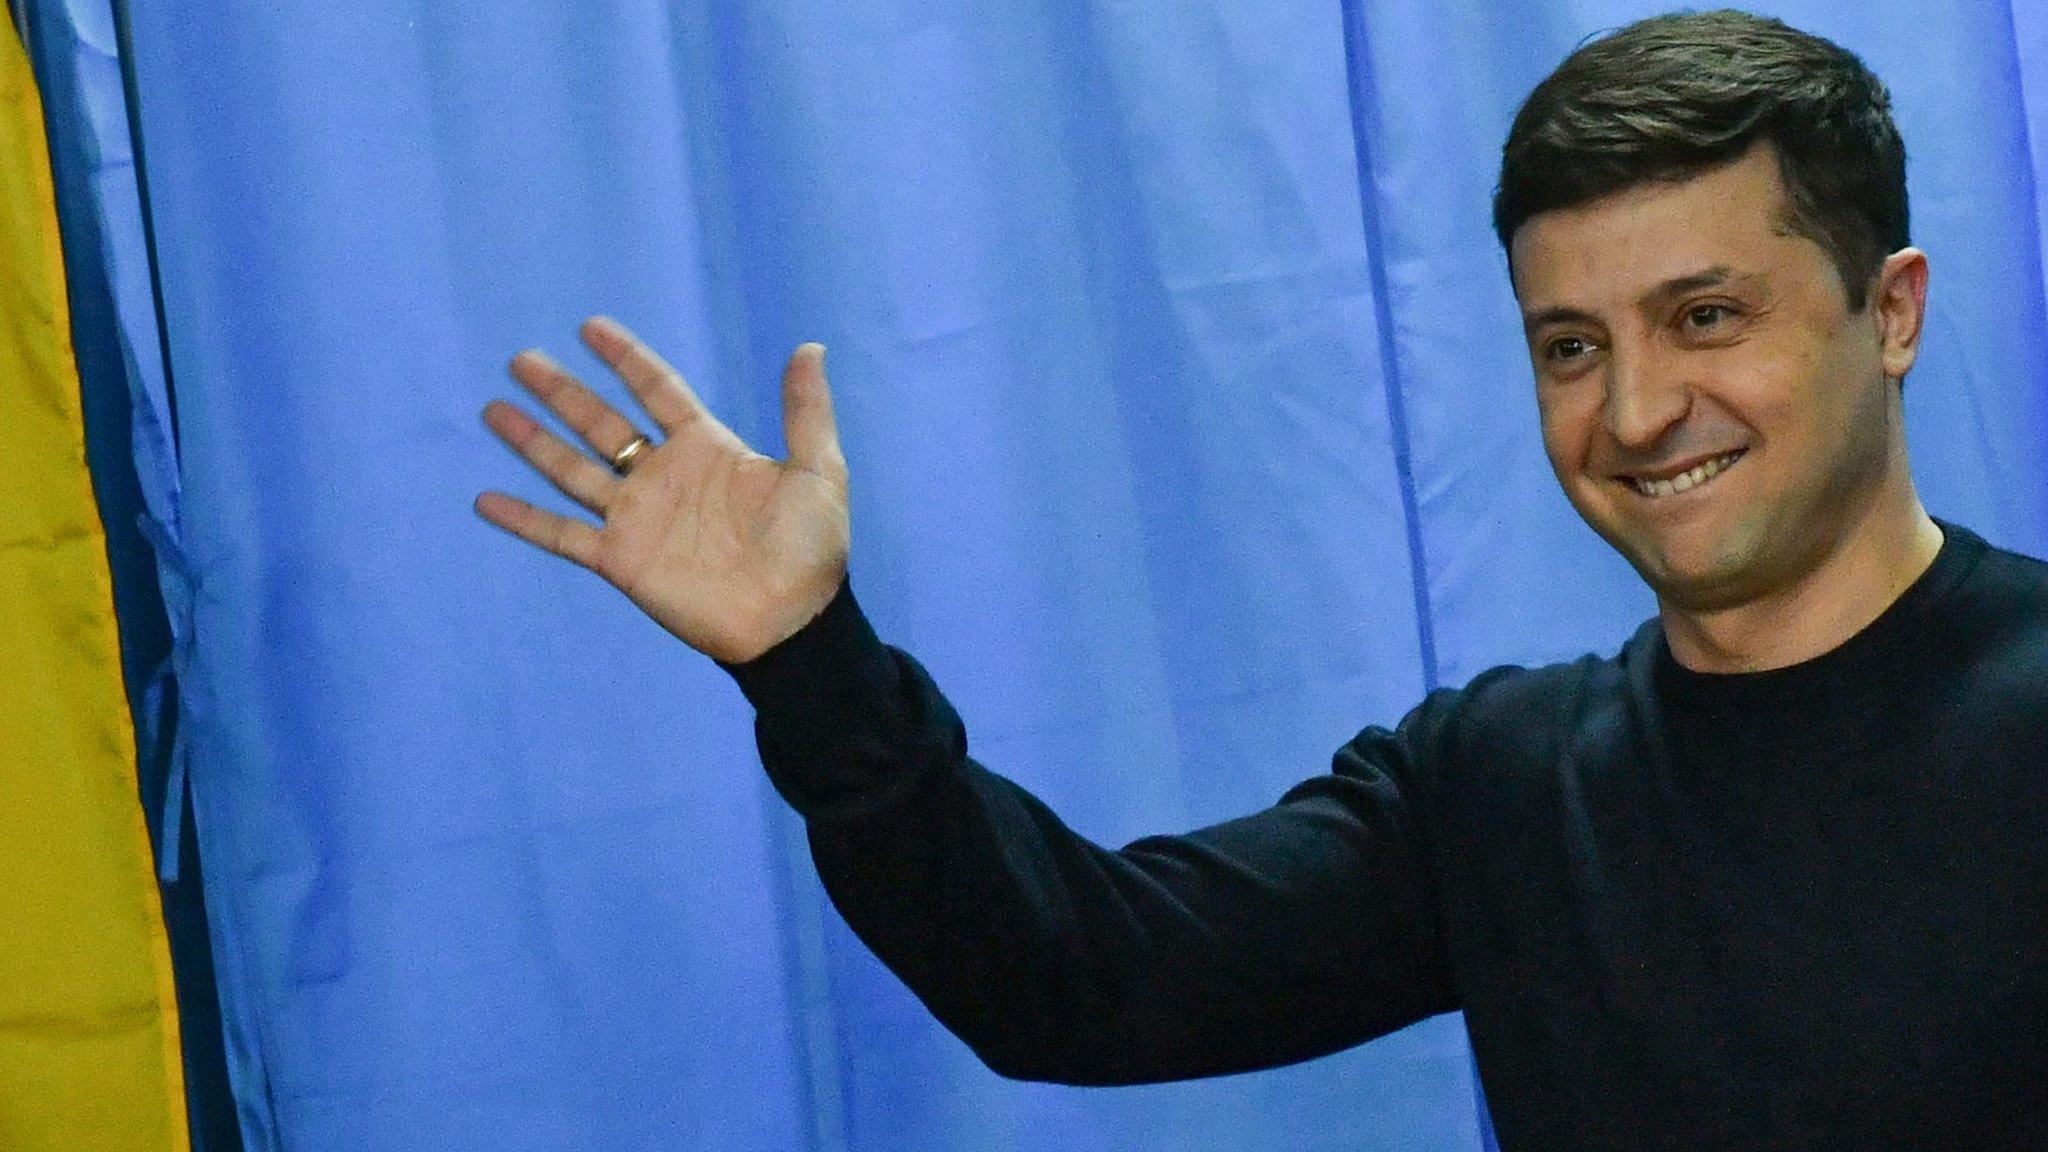 Volodymyr Zelensky: Comedian to be sworn in as Ukrainian president